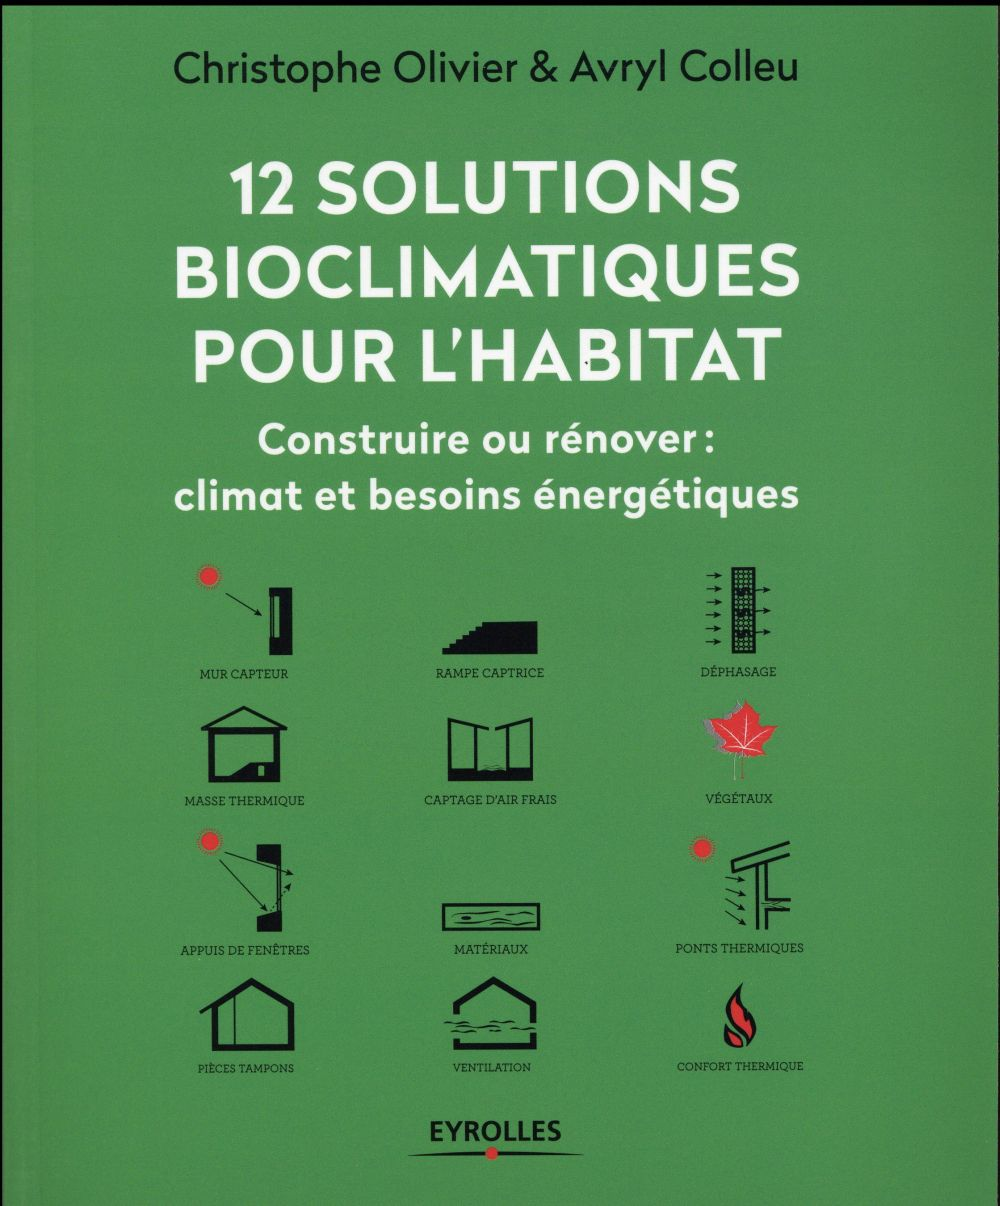 12 SOLUTIONS BIOCLIMATIQUES POUR L'HABITAT CONSTRUIRE OU RENOVER - CLIMAT ET BESOINS ENERGETIQUES OLIVIER-ALIBERT / AVRYL Eyrolles